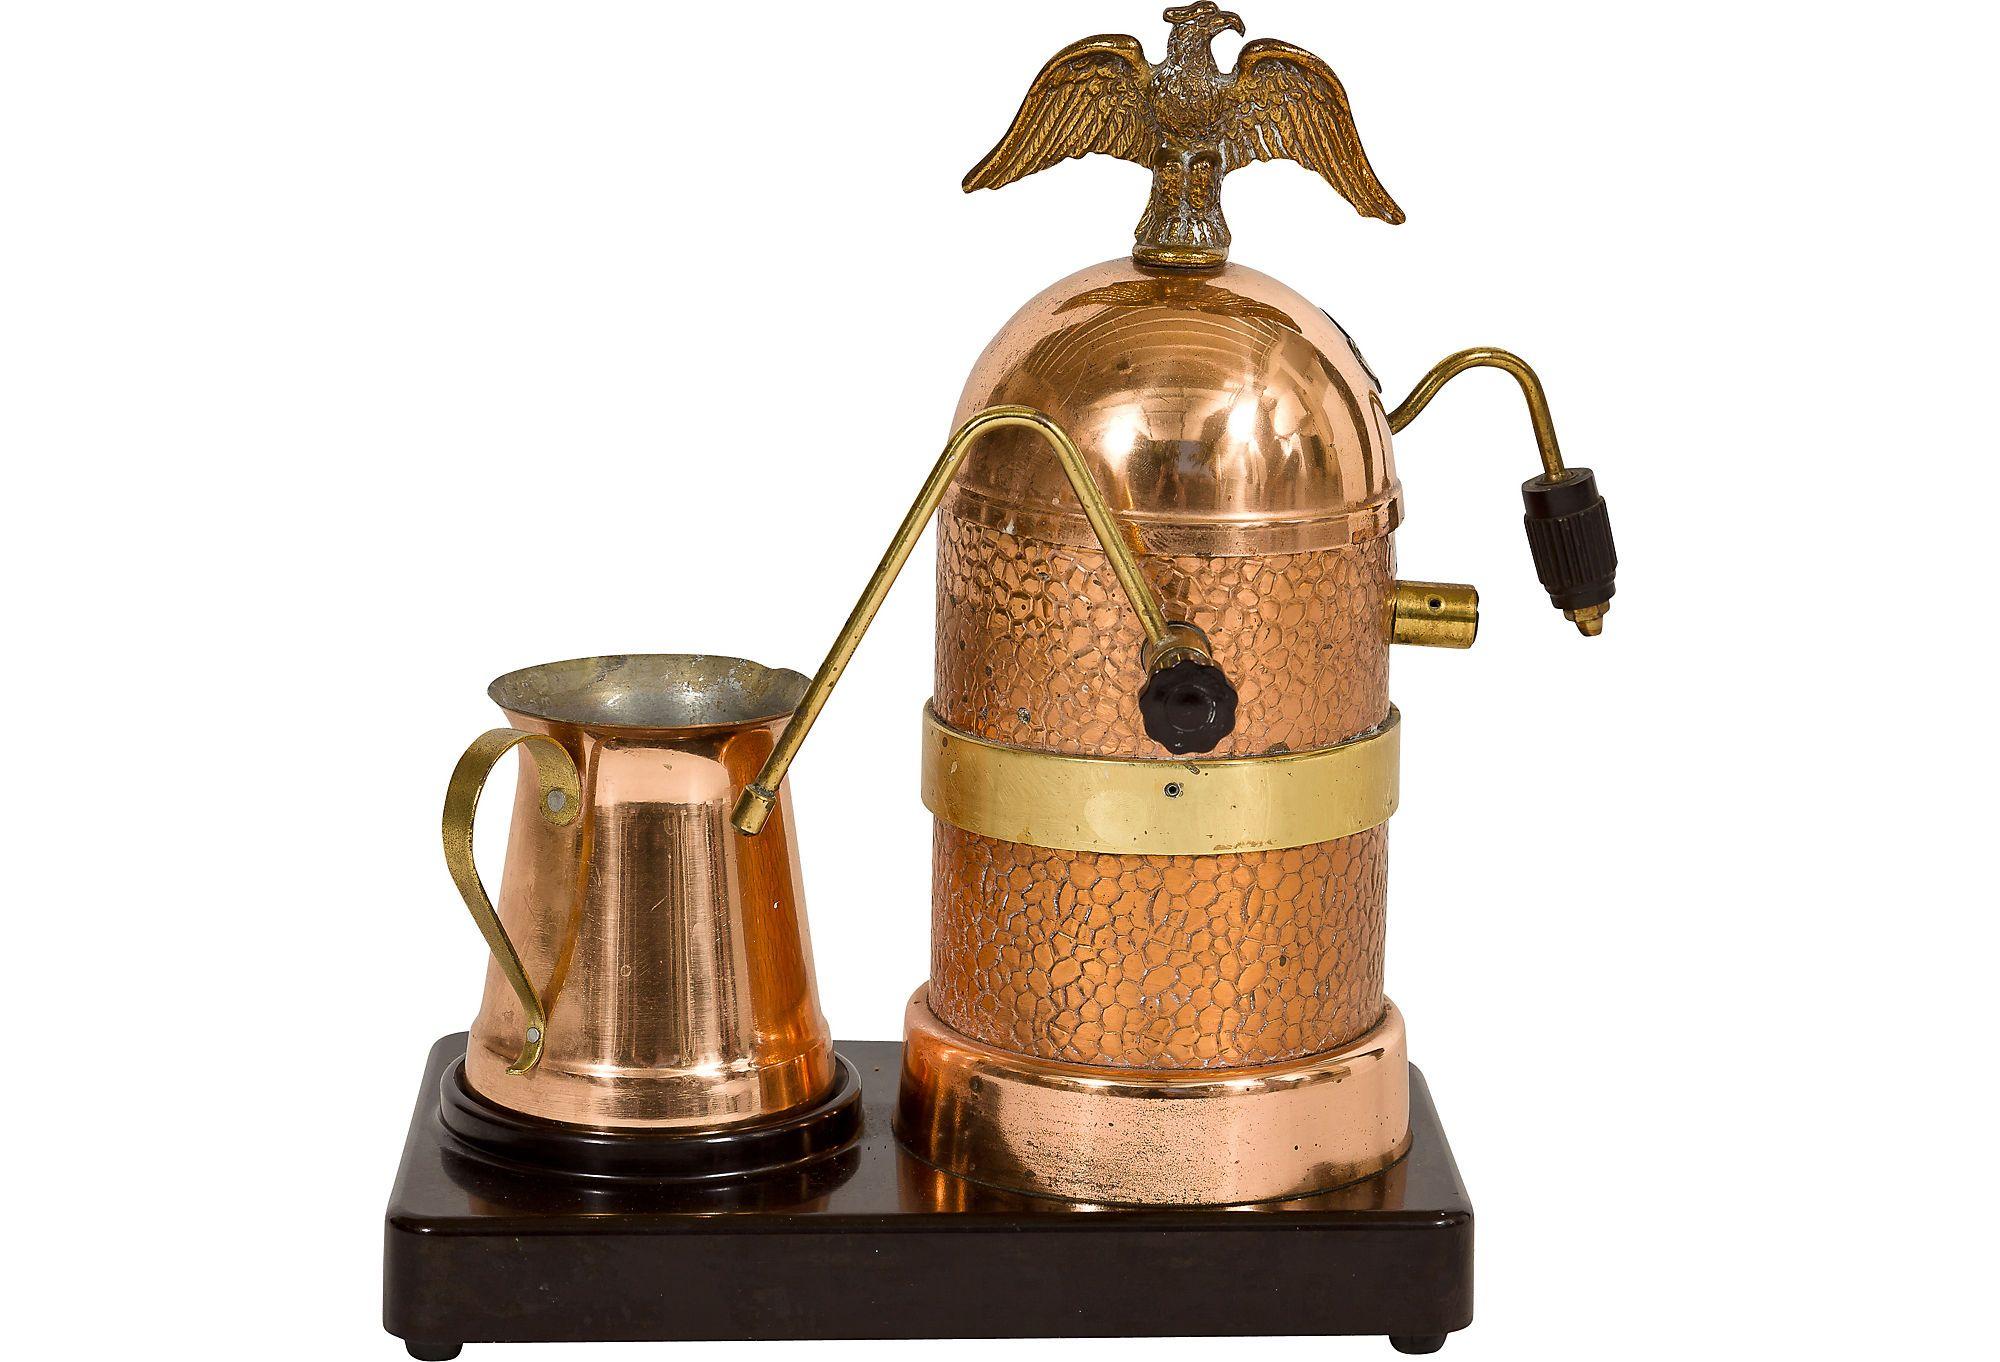 Copper Vesuvio Espresso Maker okay this is the one that